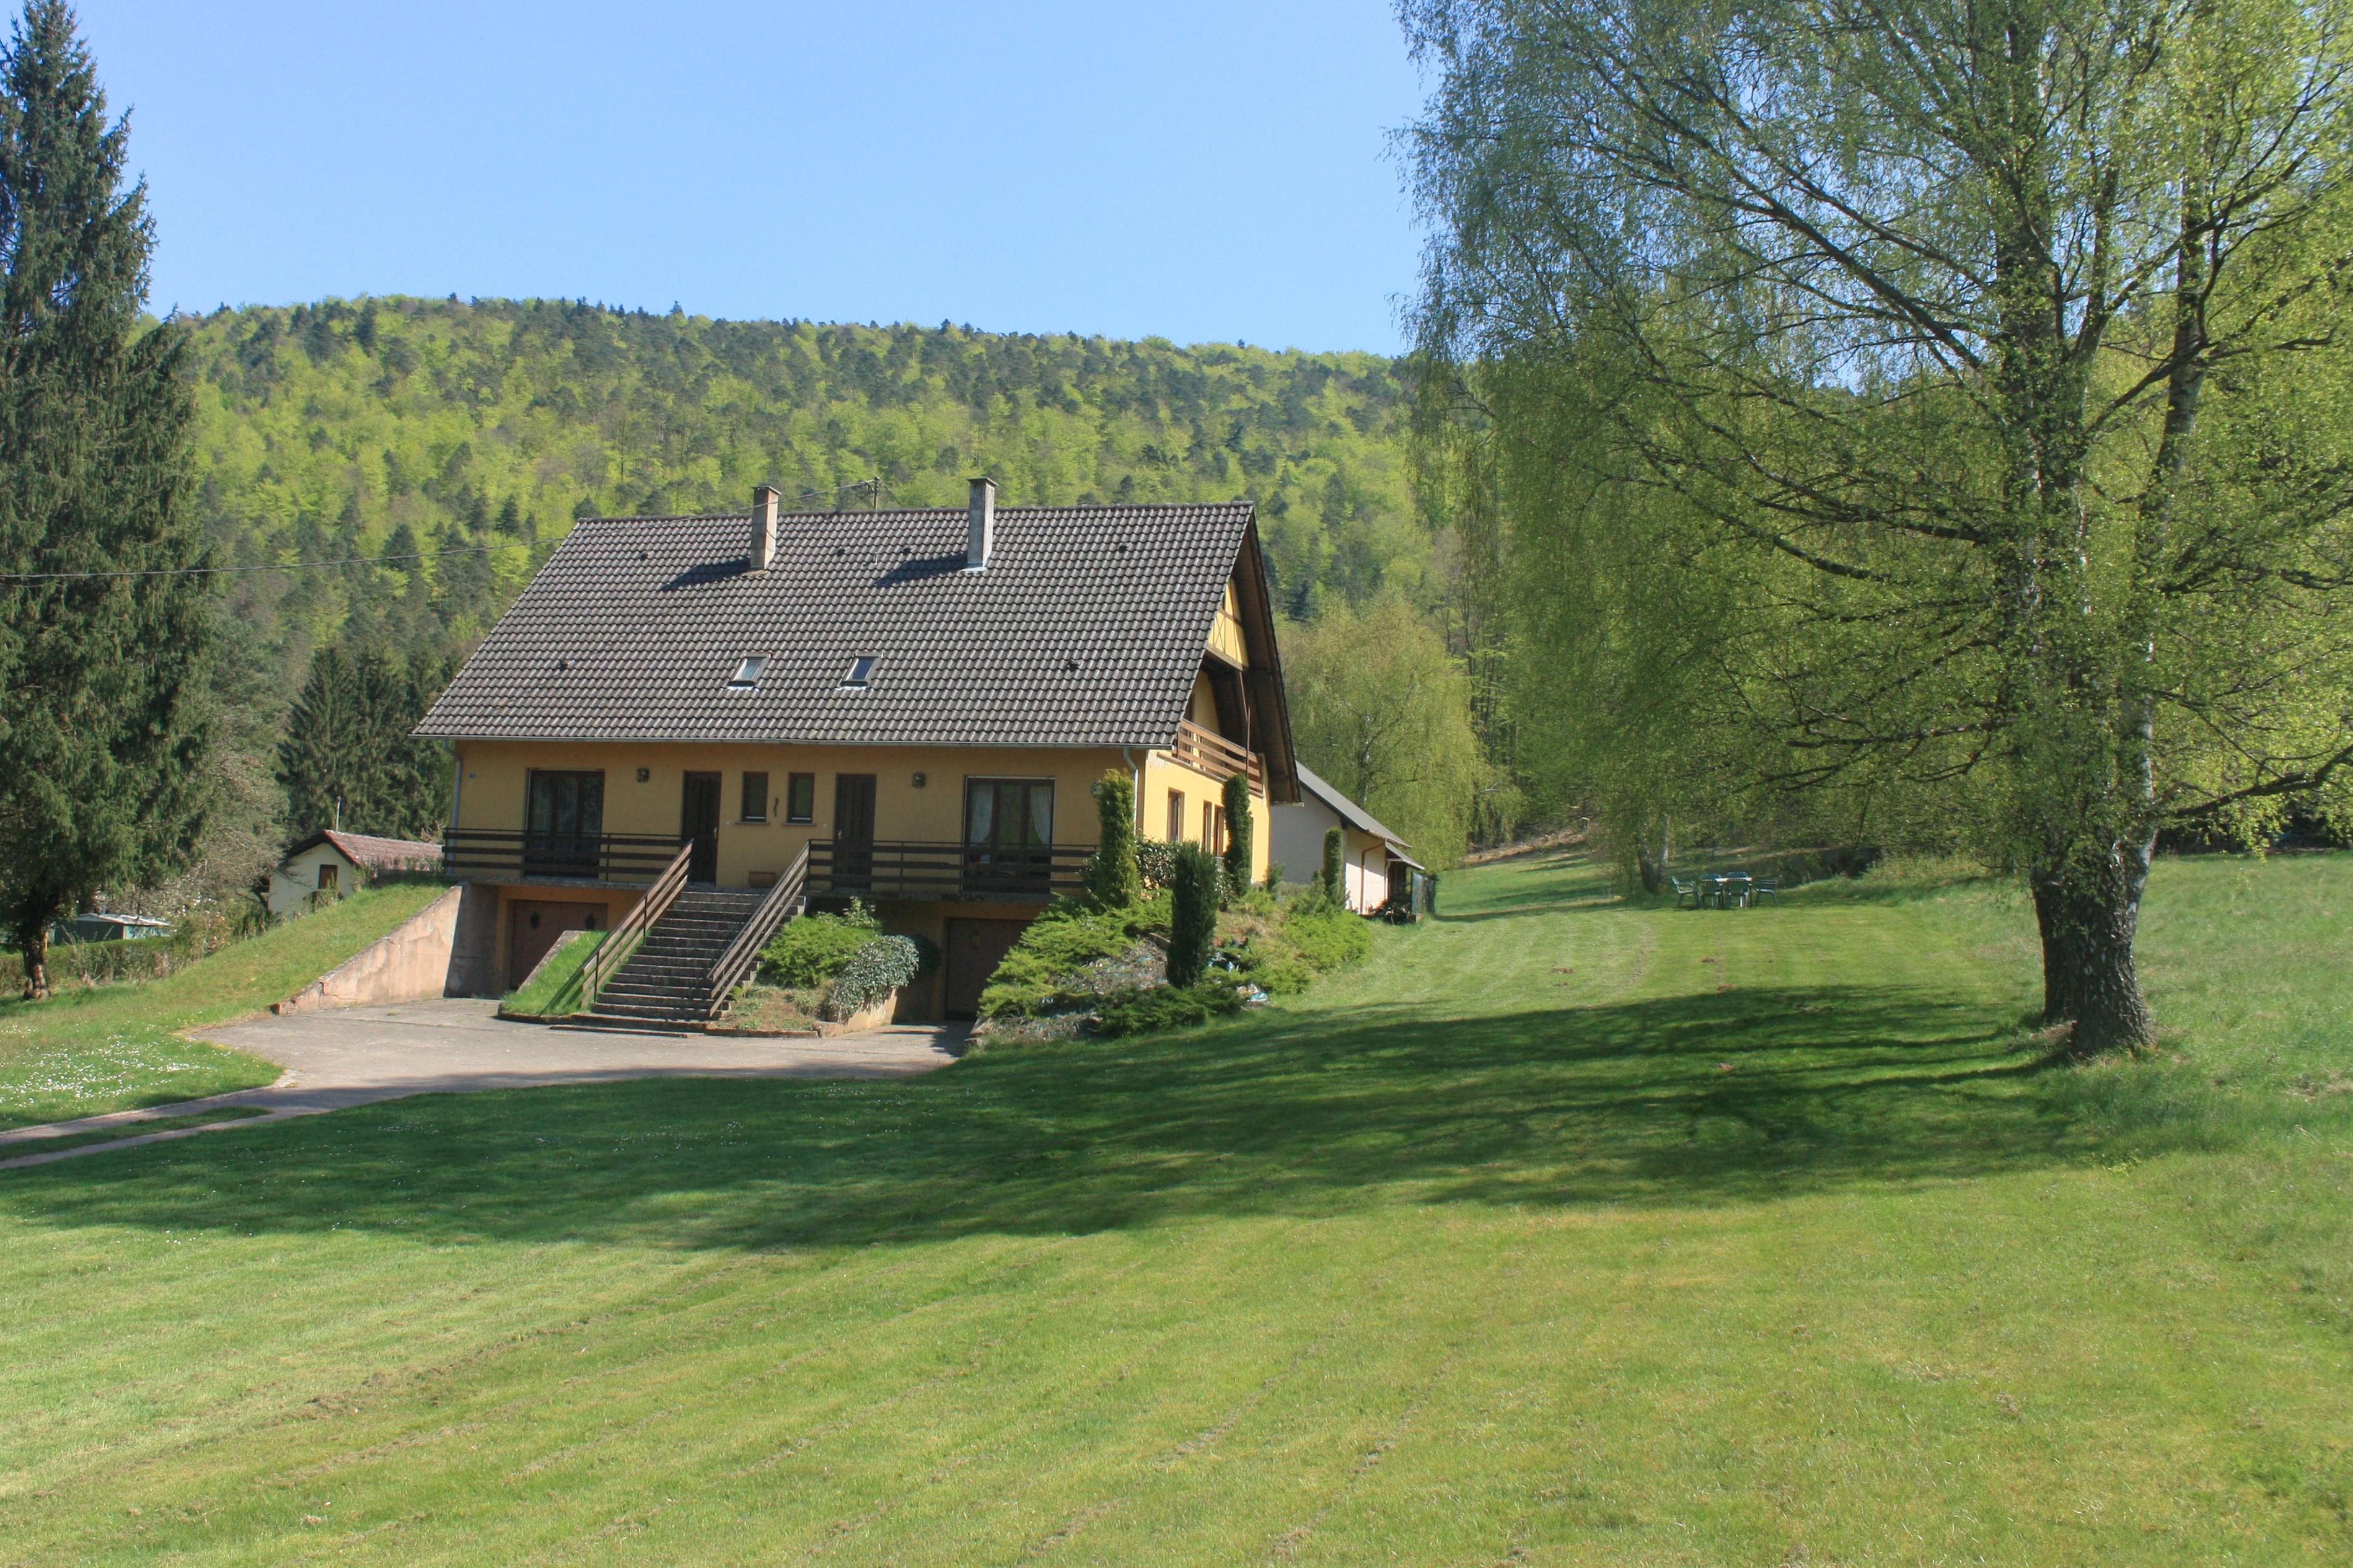 Das Grosse Huss in Wengelsbach